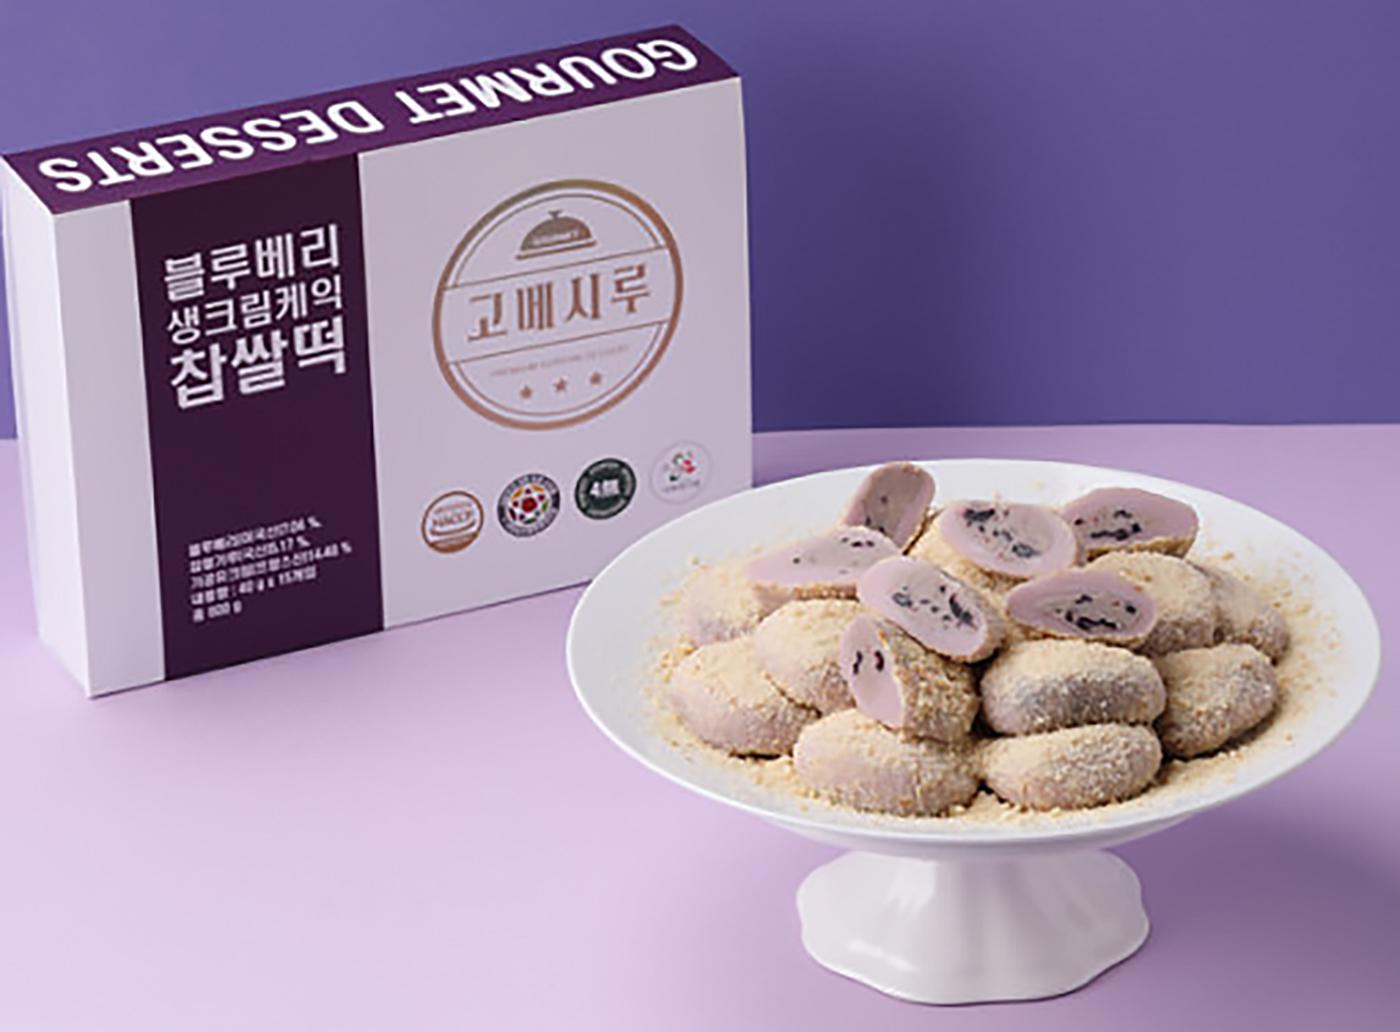 굳지 않는 블루베리 생크림 케익 모찌 찹쌀떡 (15입) 상세이미지7